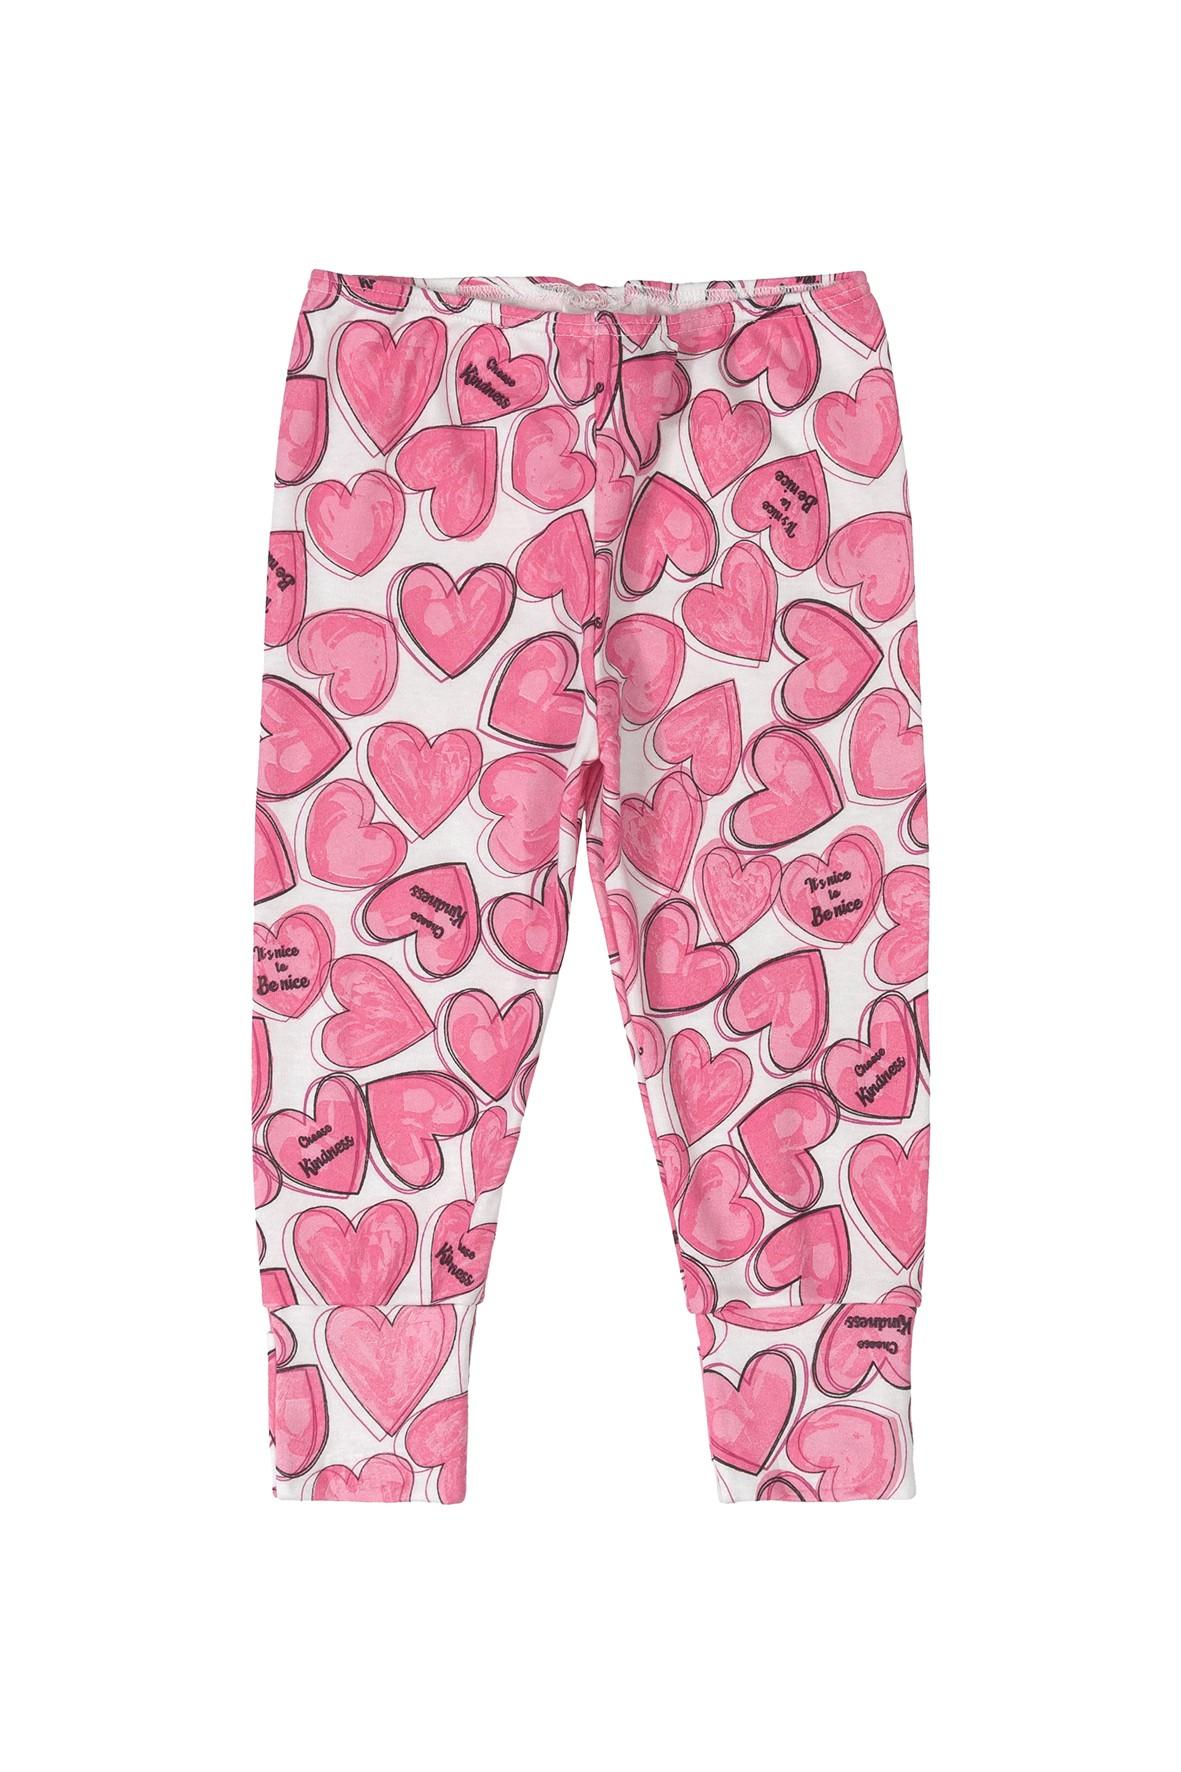 Spodnie niemowlęce różowe w serduszka